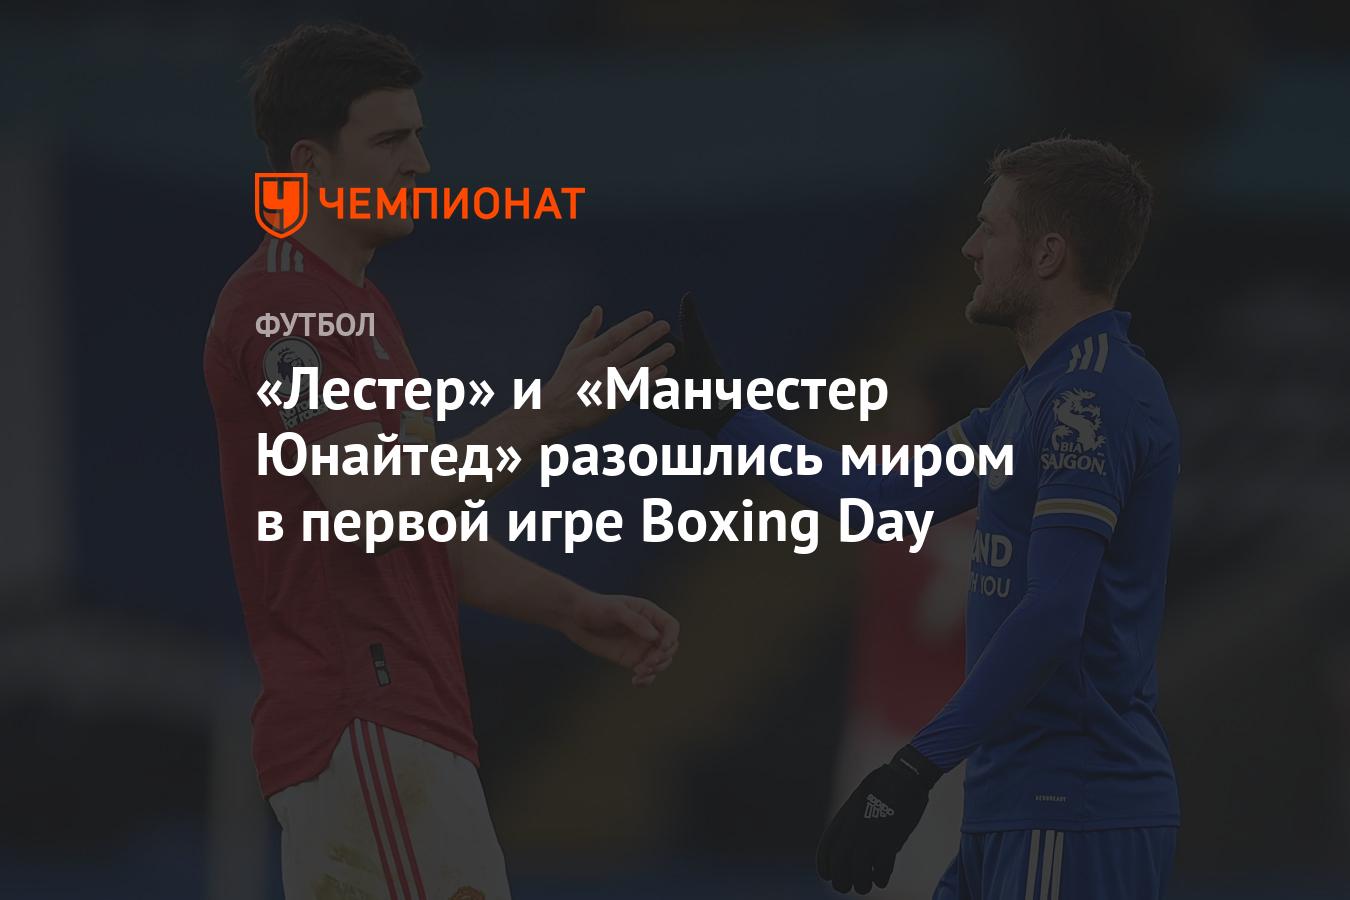 «Лестер» и «Манчестер Юнайтед» разошлись миром в первой игре Boxing Day